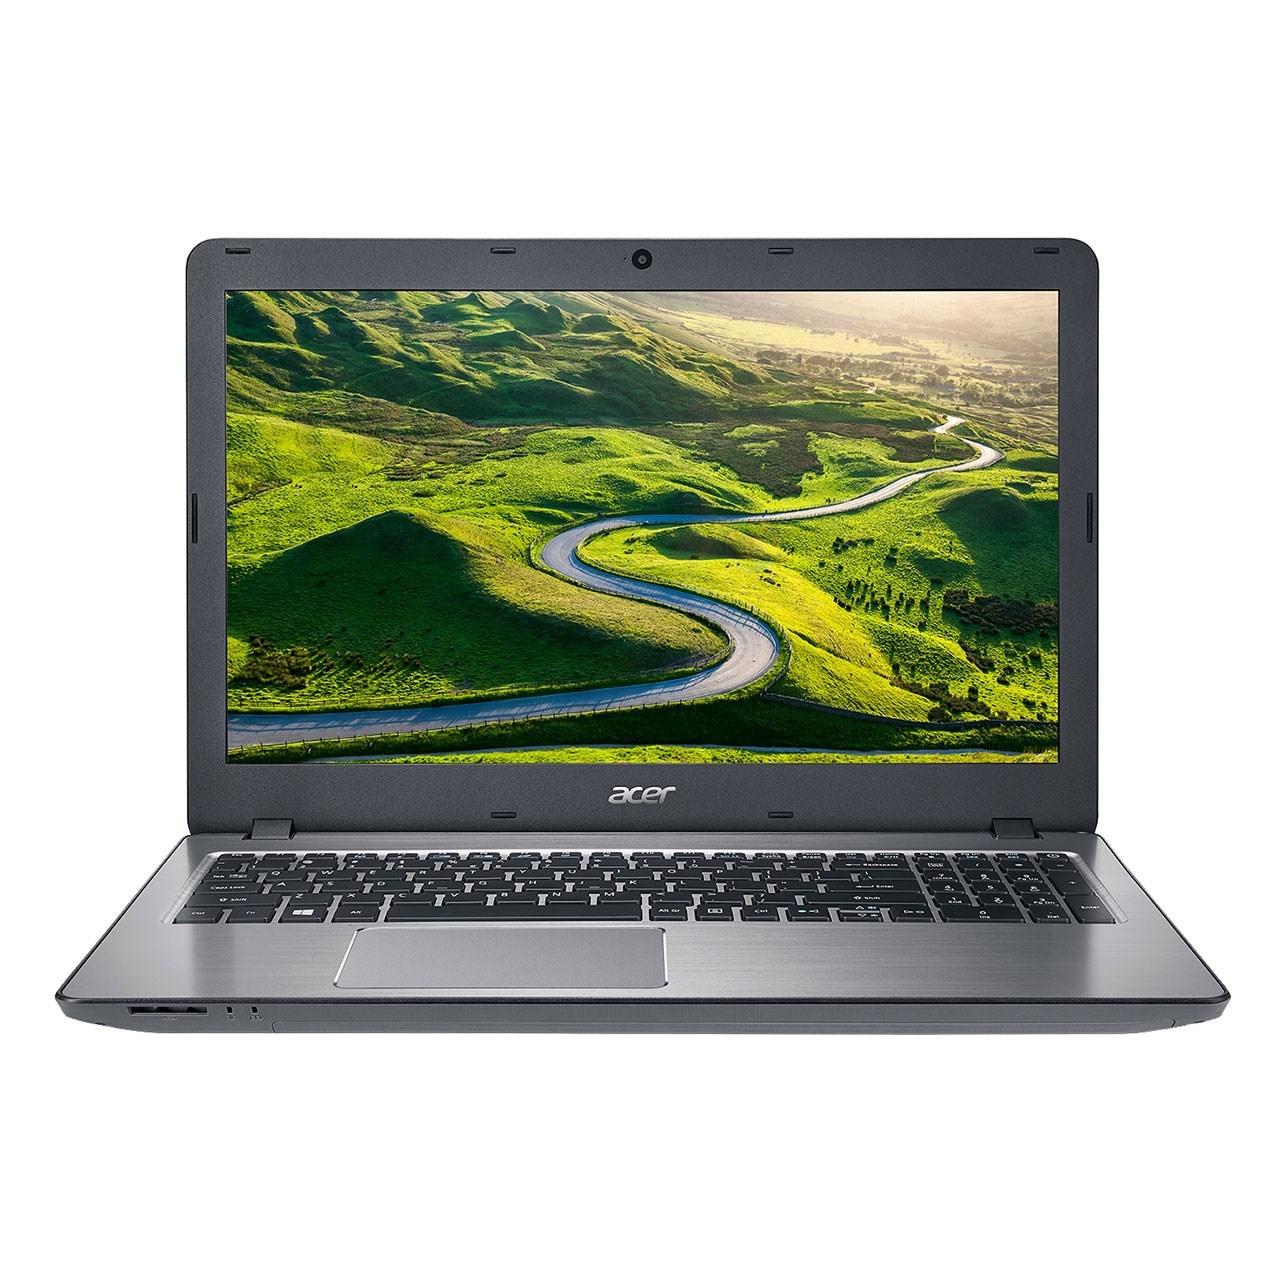 لپ تاپ 15 اینچی ایسر مدل Aspire F5-573G-77G4